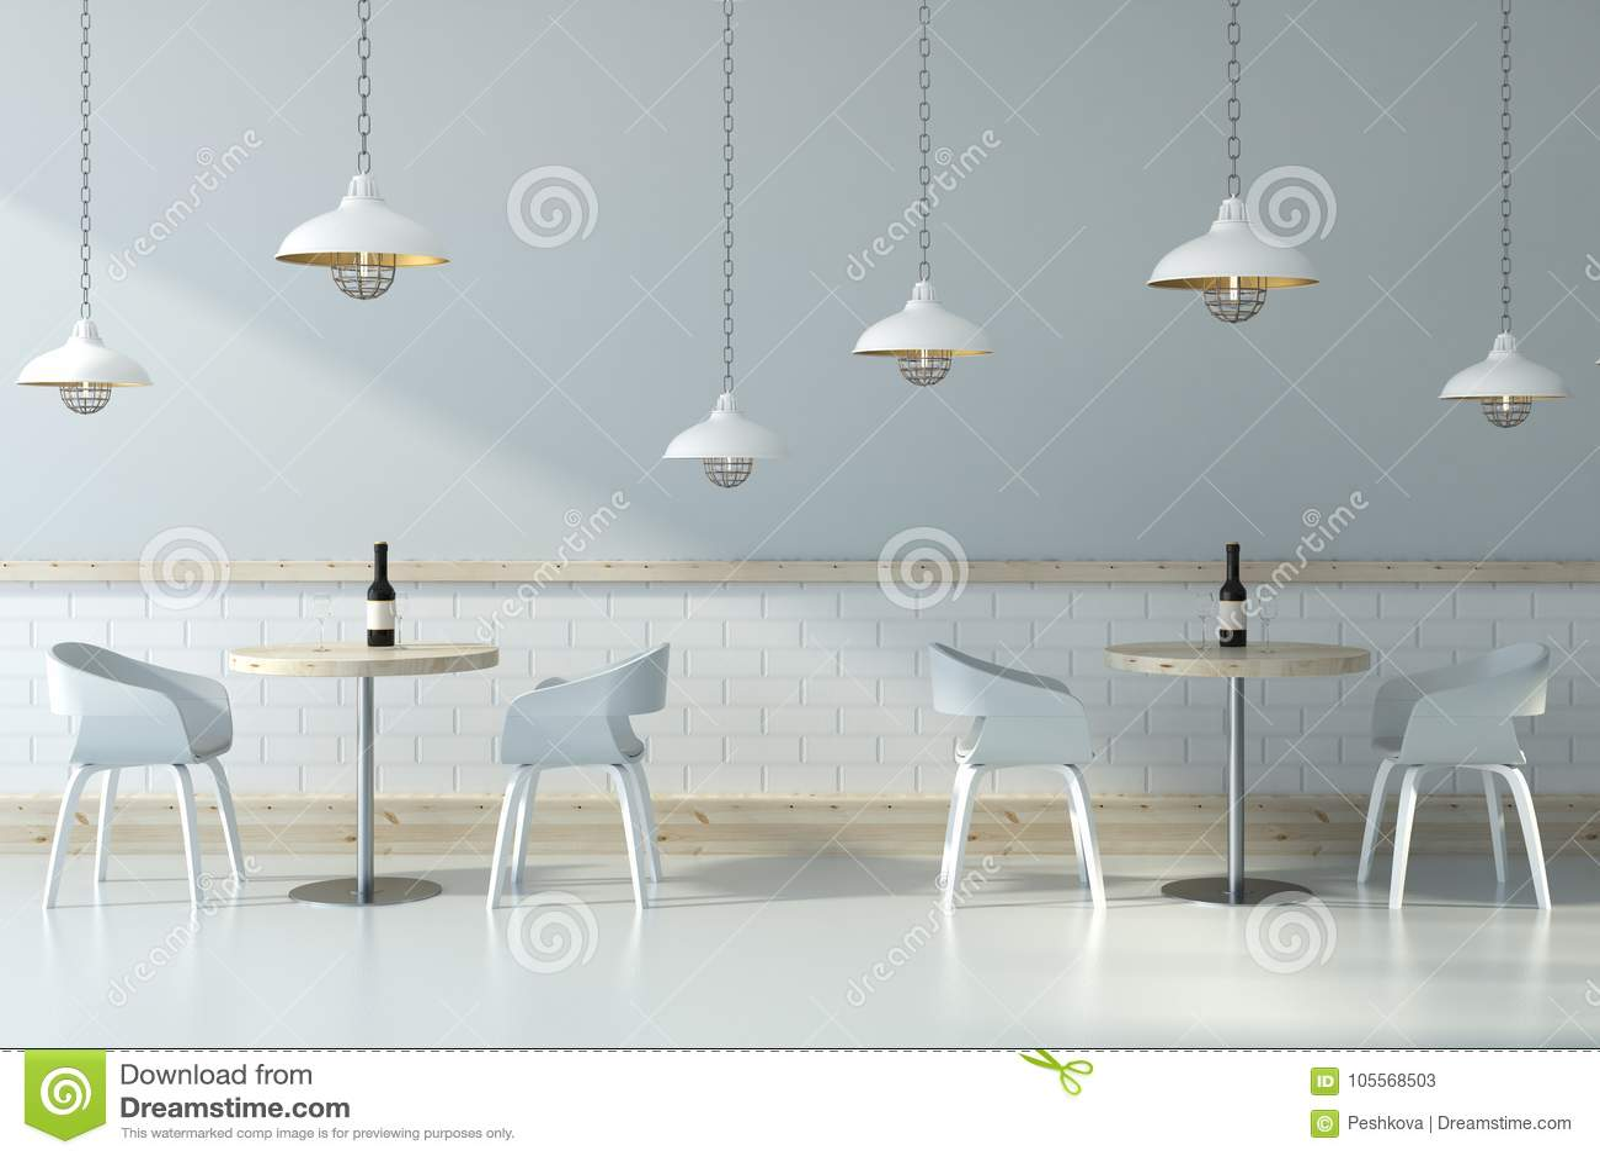 Light Cafe Interior